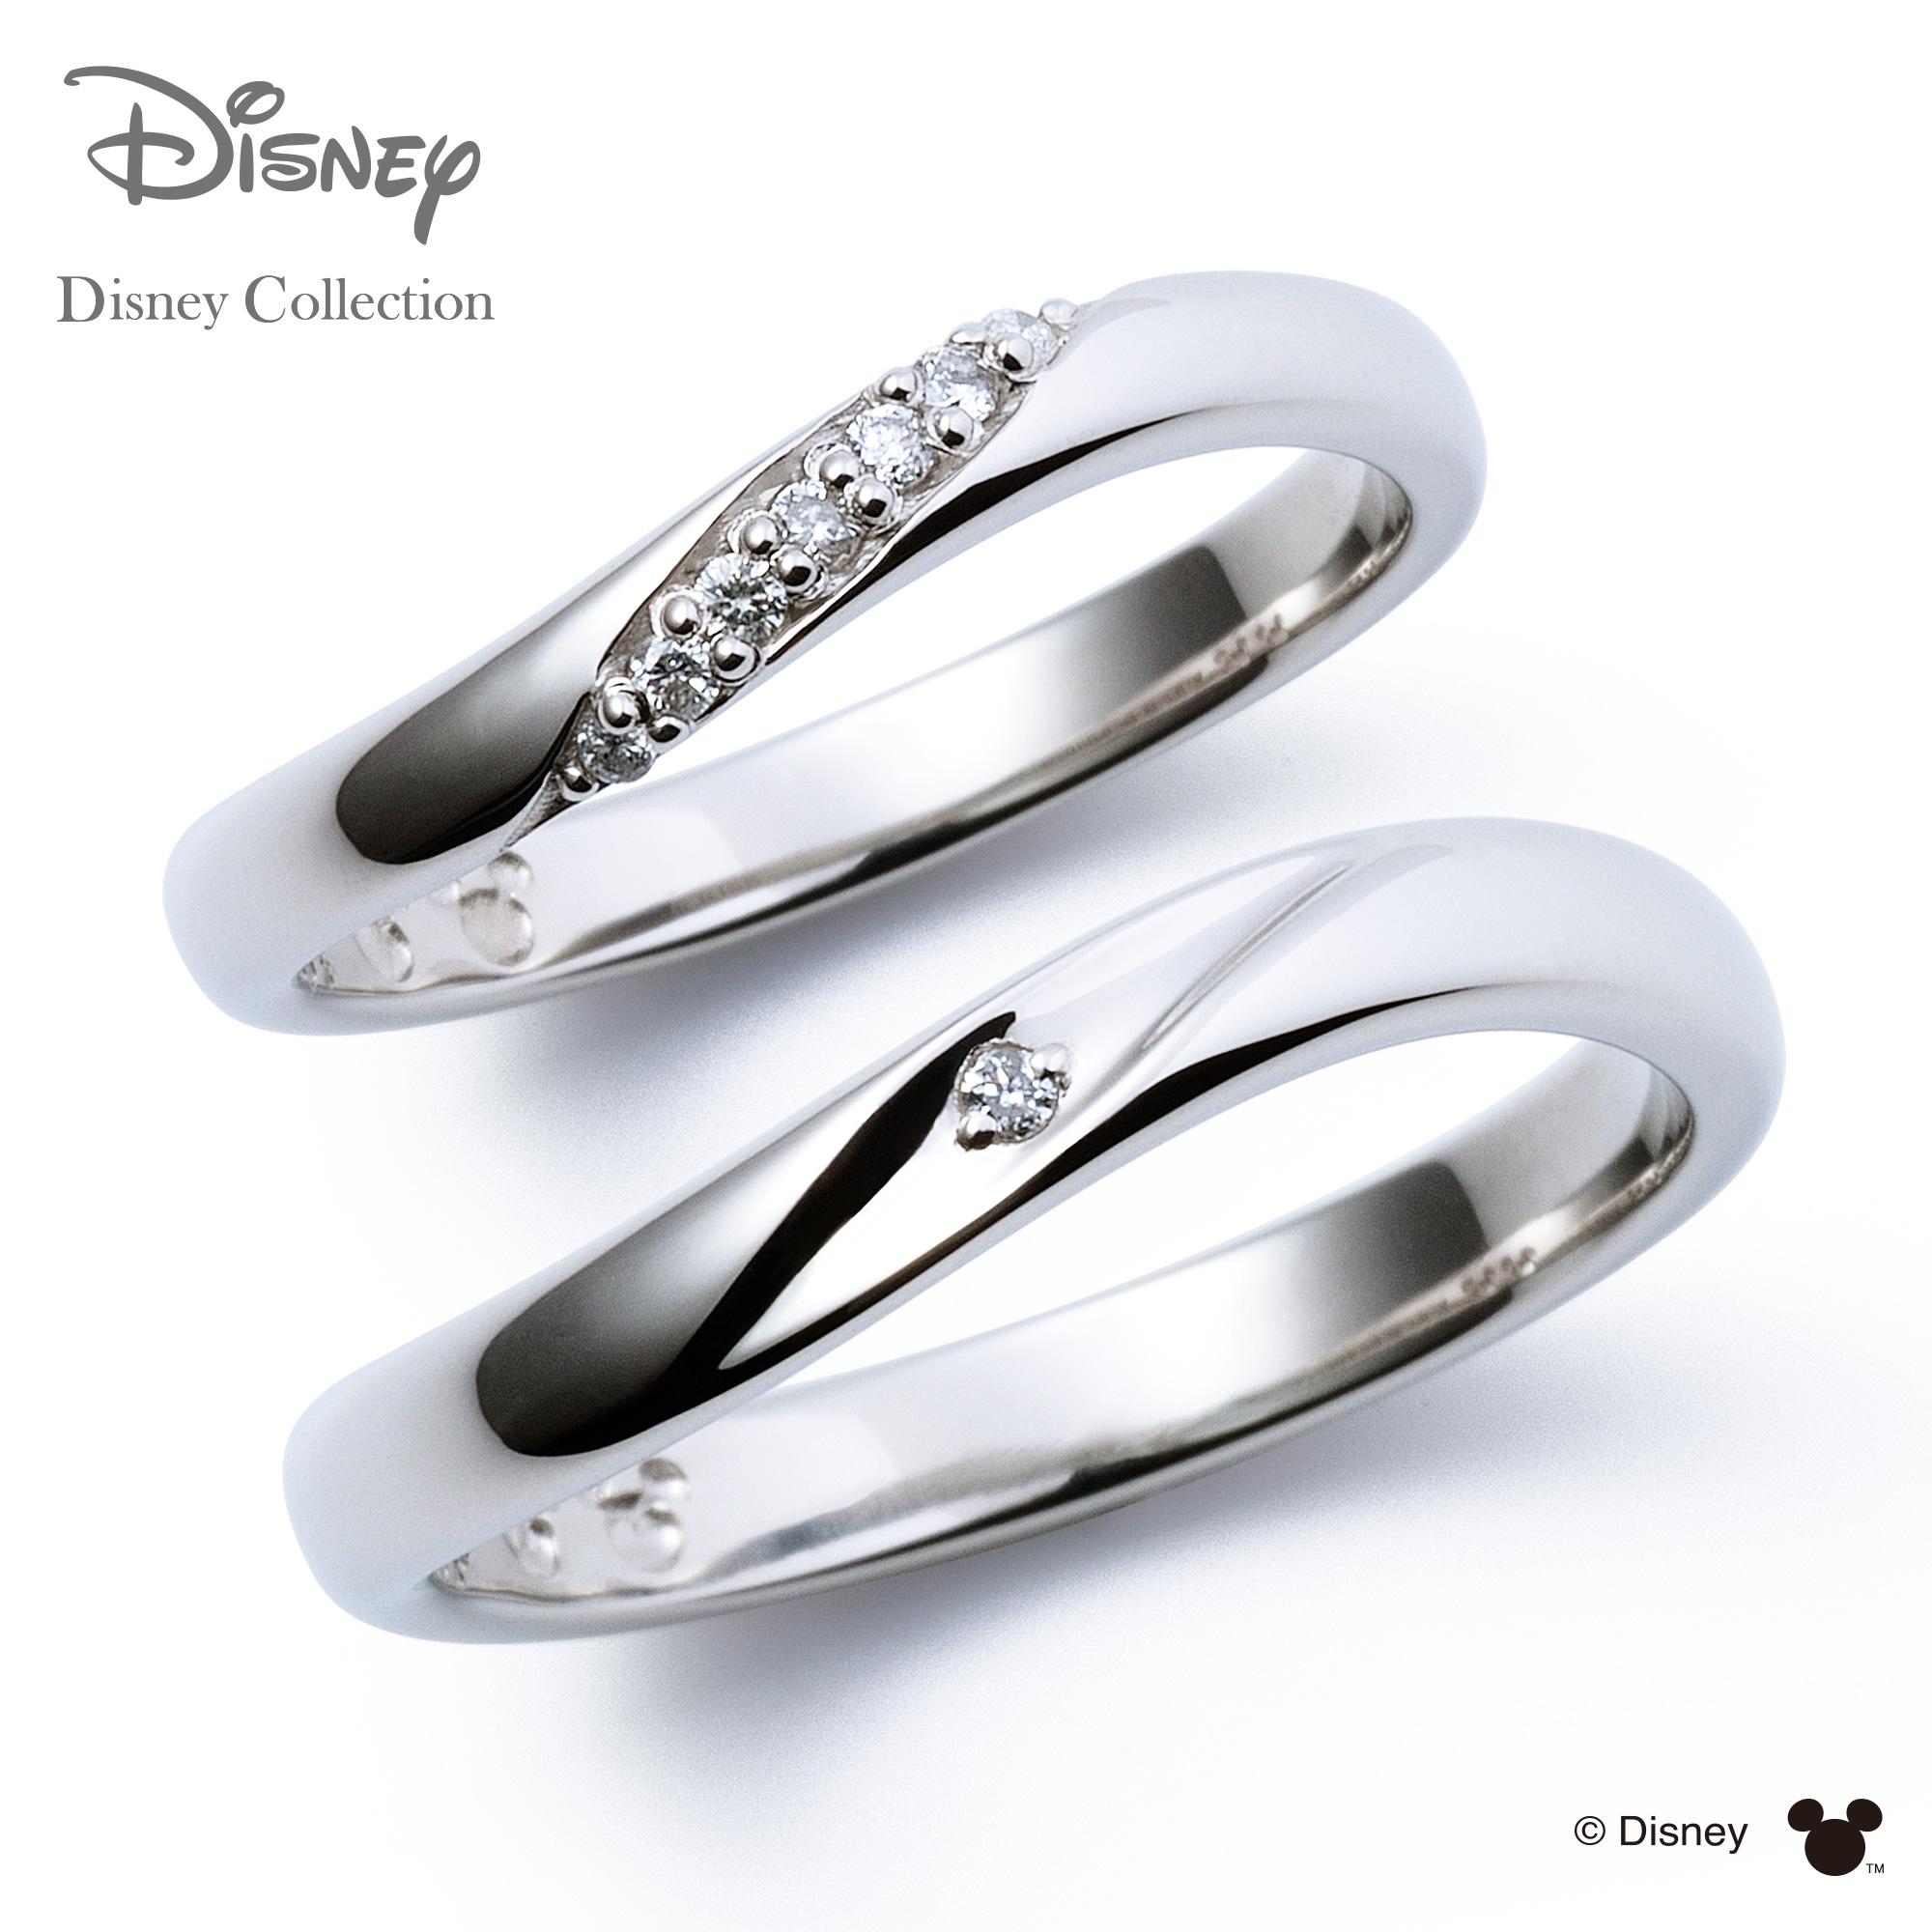 【刻印可_14文字】【ディズニーコレクション】 ディズニー / プラチナ マリッジ リング 結婚指輪 / 隠れミッキーマウス / ペアリング THE KISS リング・指輪 DI-7061117011-7061117021 セット シンプル ザキス 【送料無料】